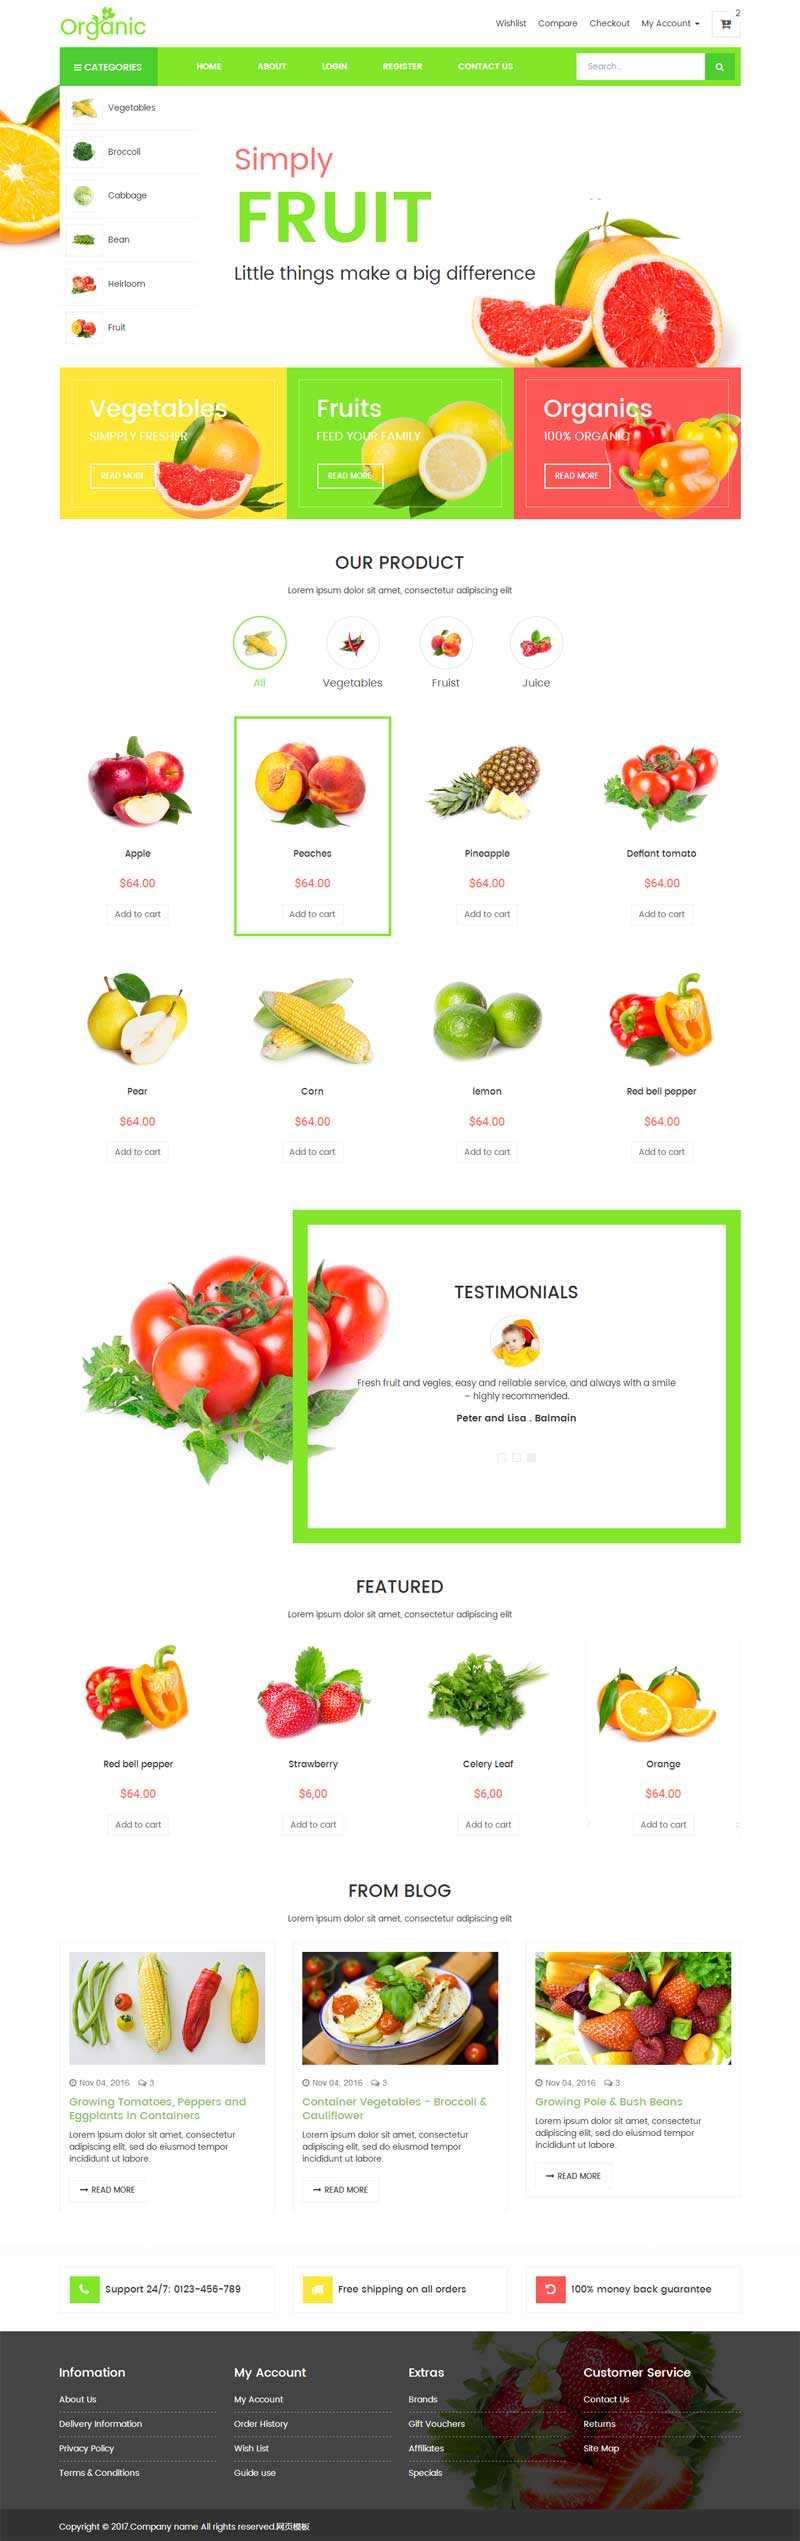 绿色简洁的蔬菜水果网上购物商城模板源码